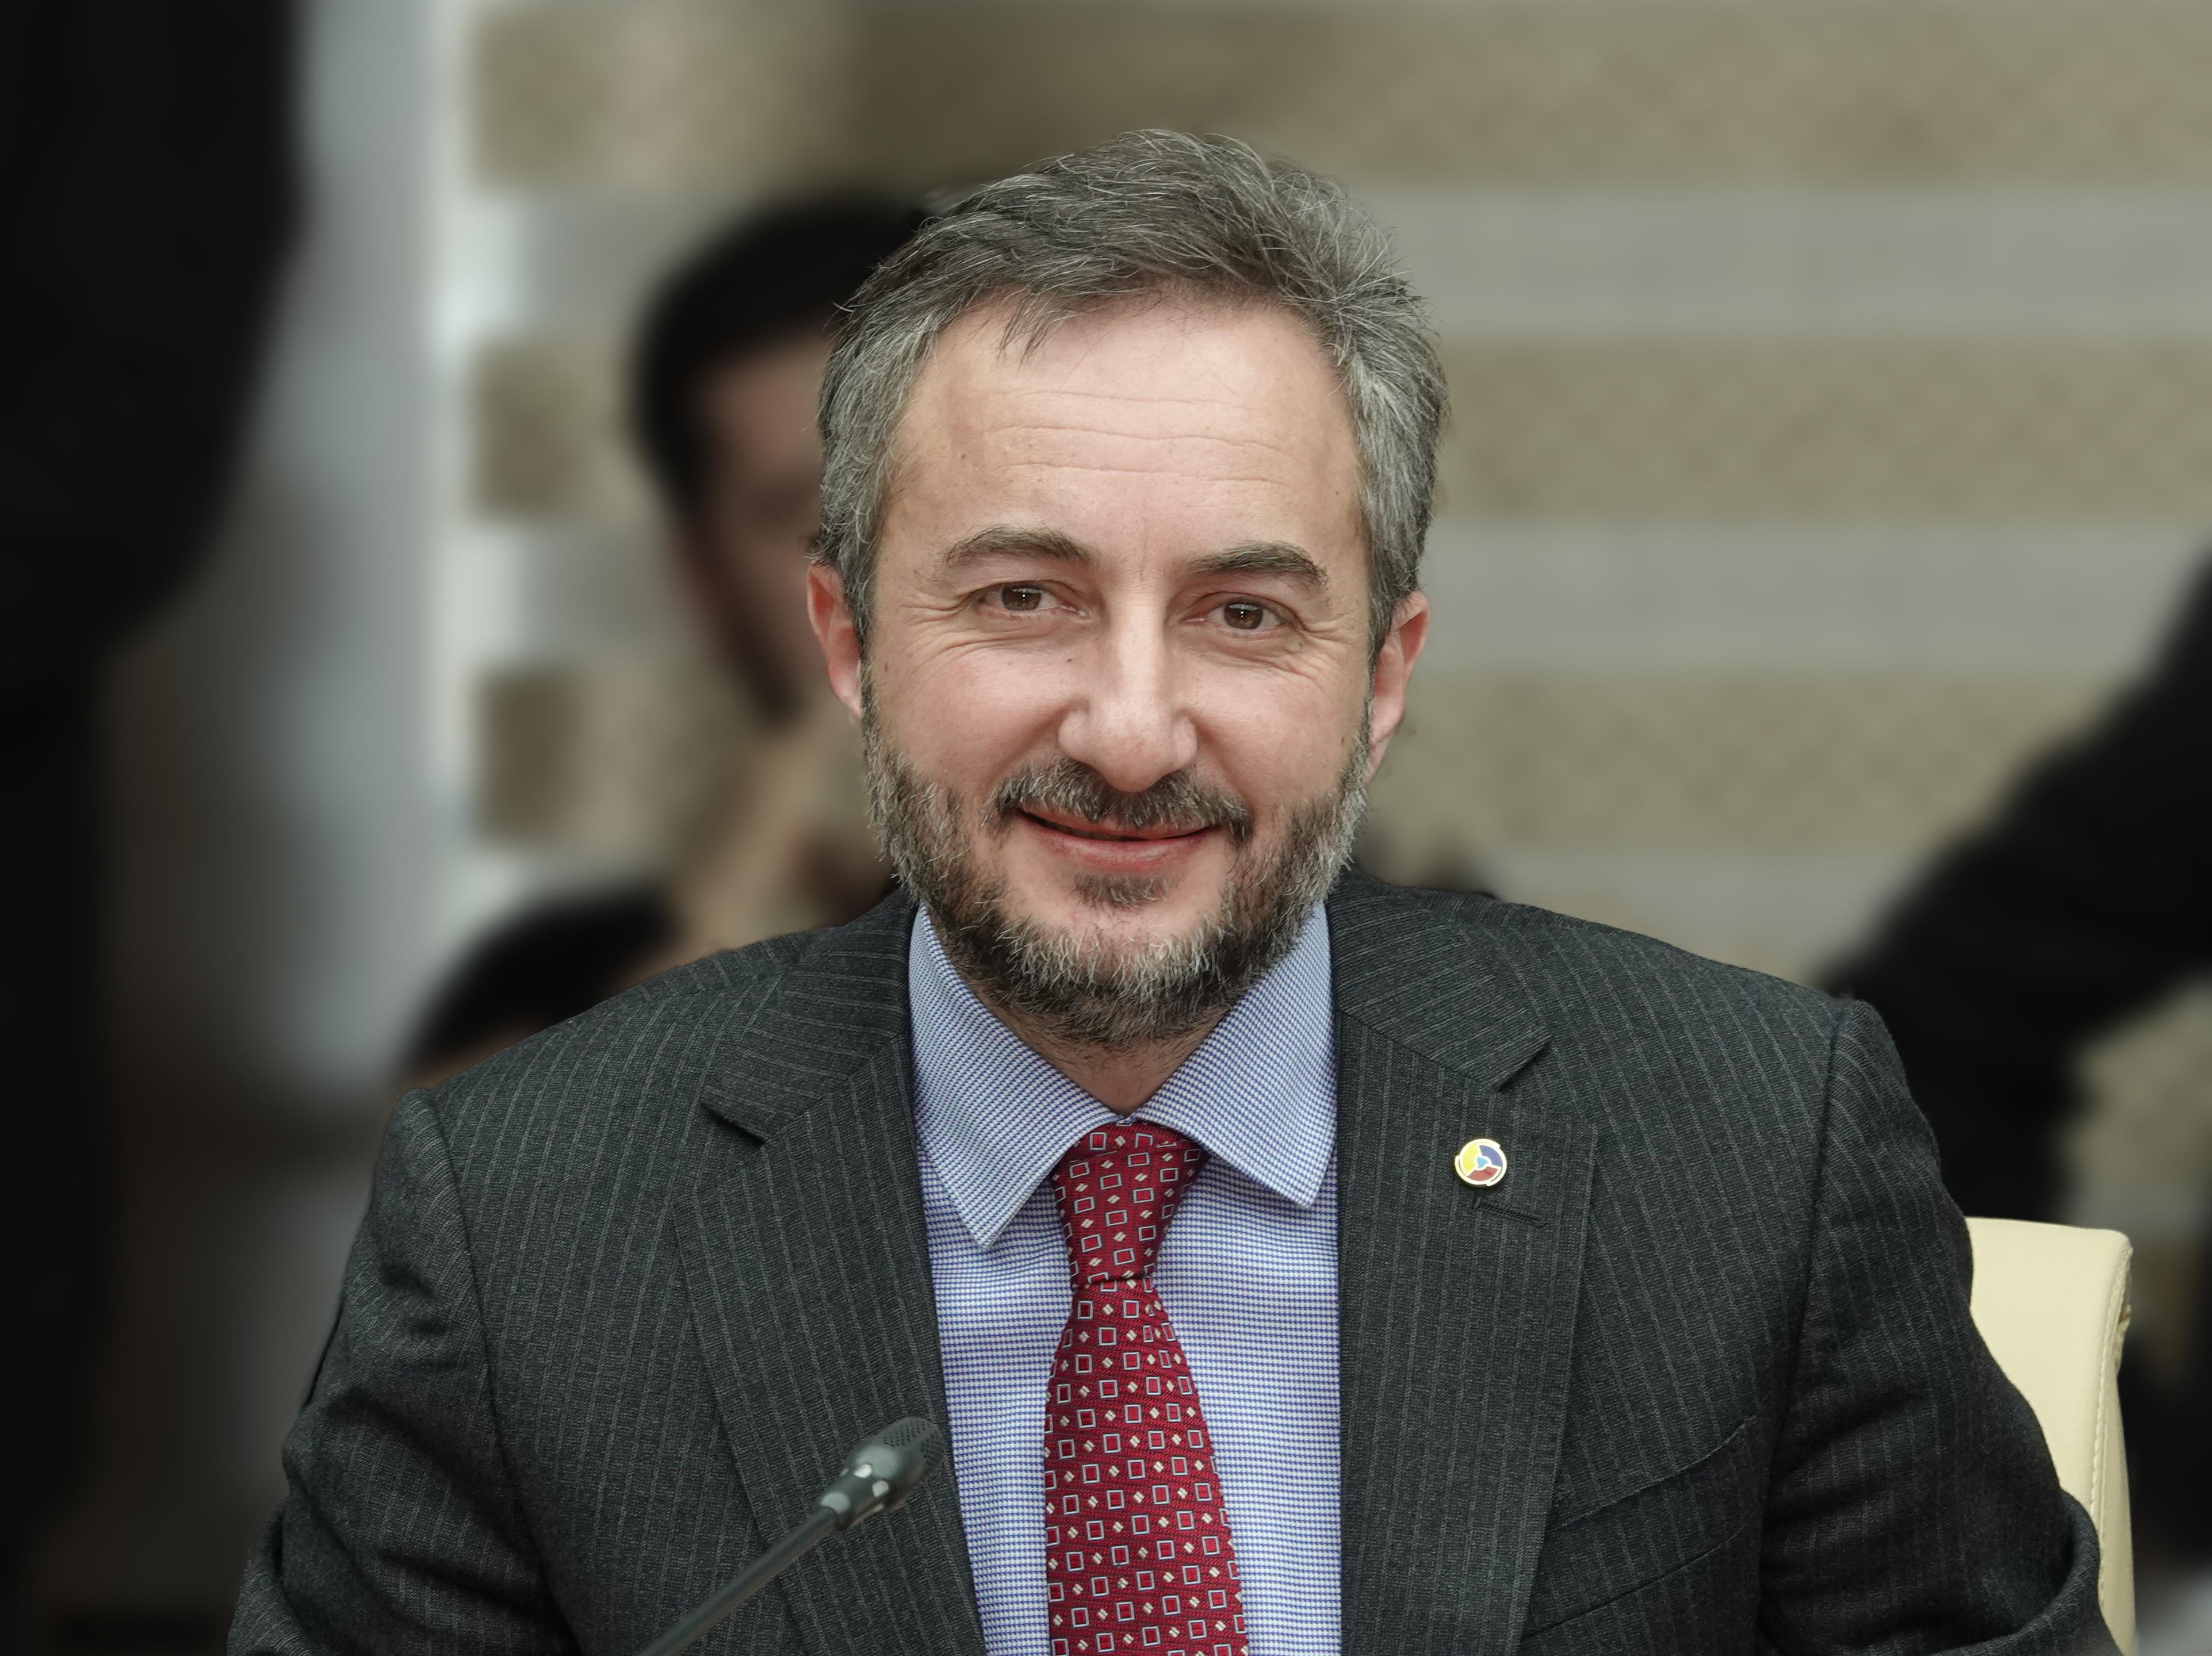 Elazığ TSO Yönetim Kurulu Başkanı Arslan:  Türkiye Bankalar Birliği'nin Tavsiye Kararlarını İş Dünyası Olarak Destekliyoruz